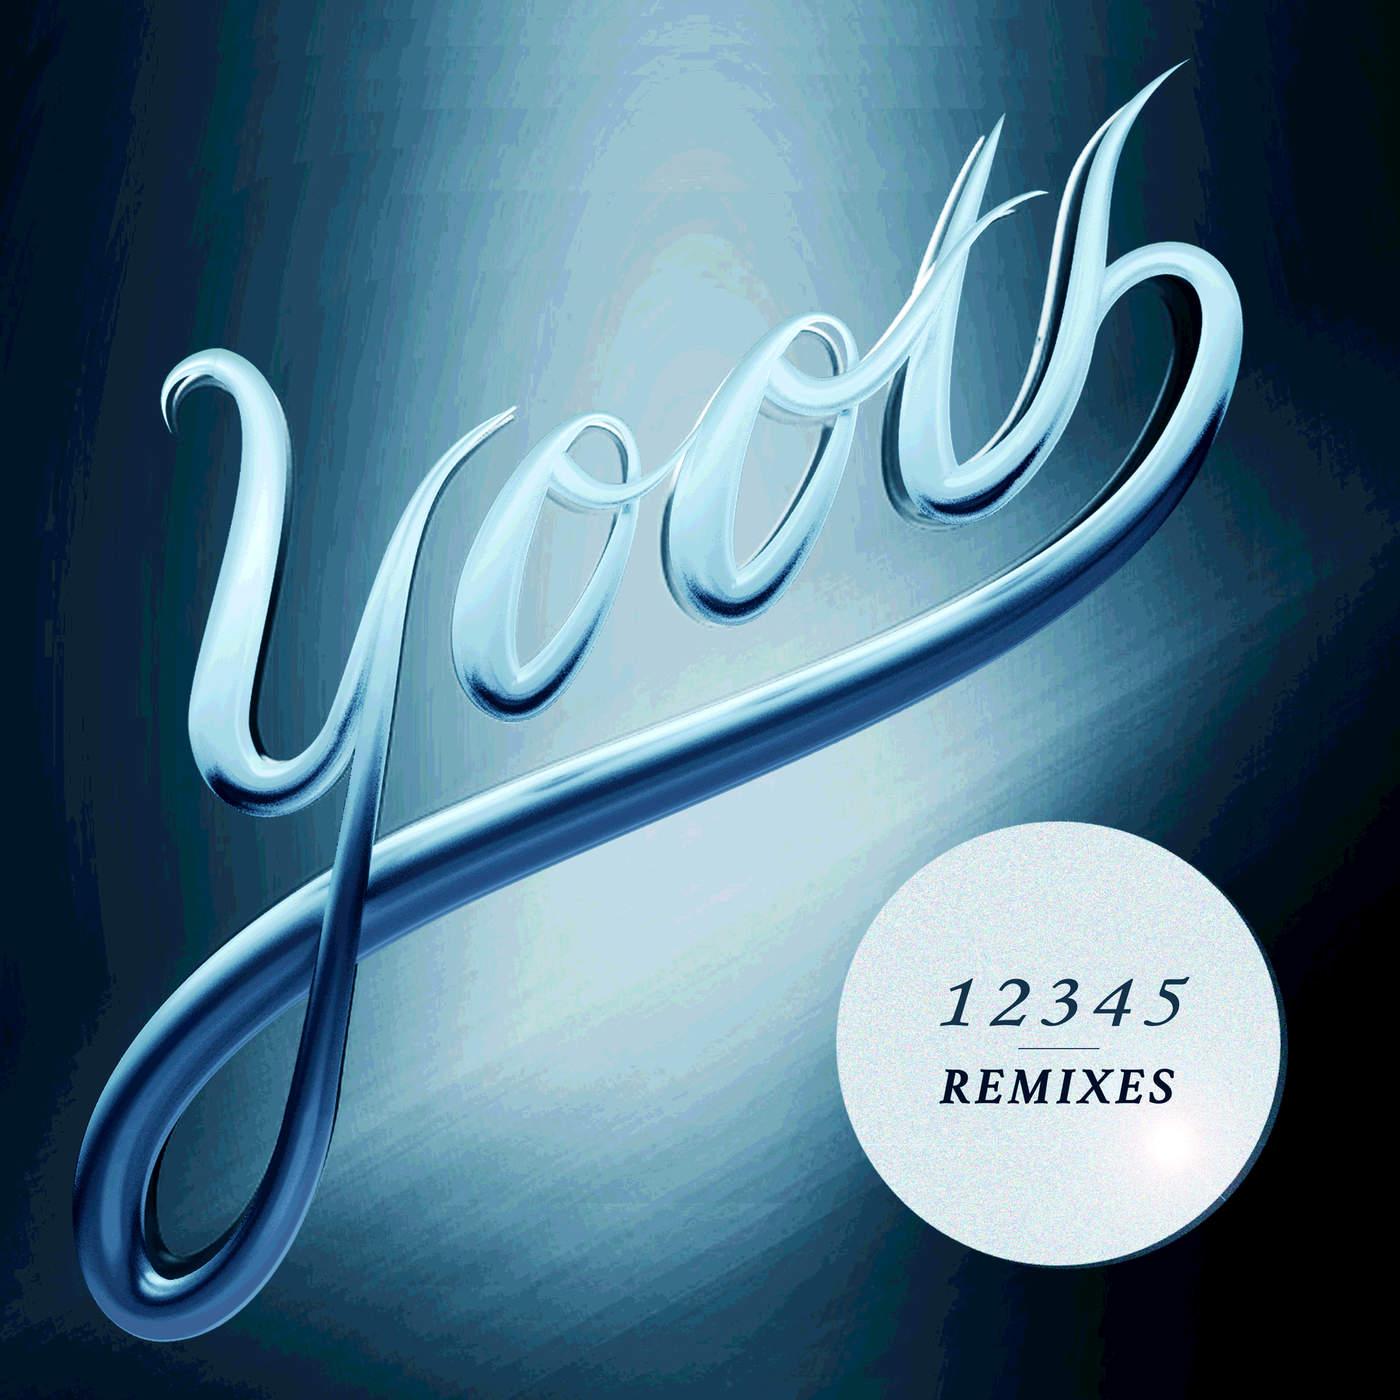 Yooth - 12345 (Remixes) - EP.jpg